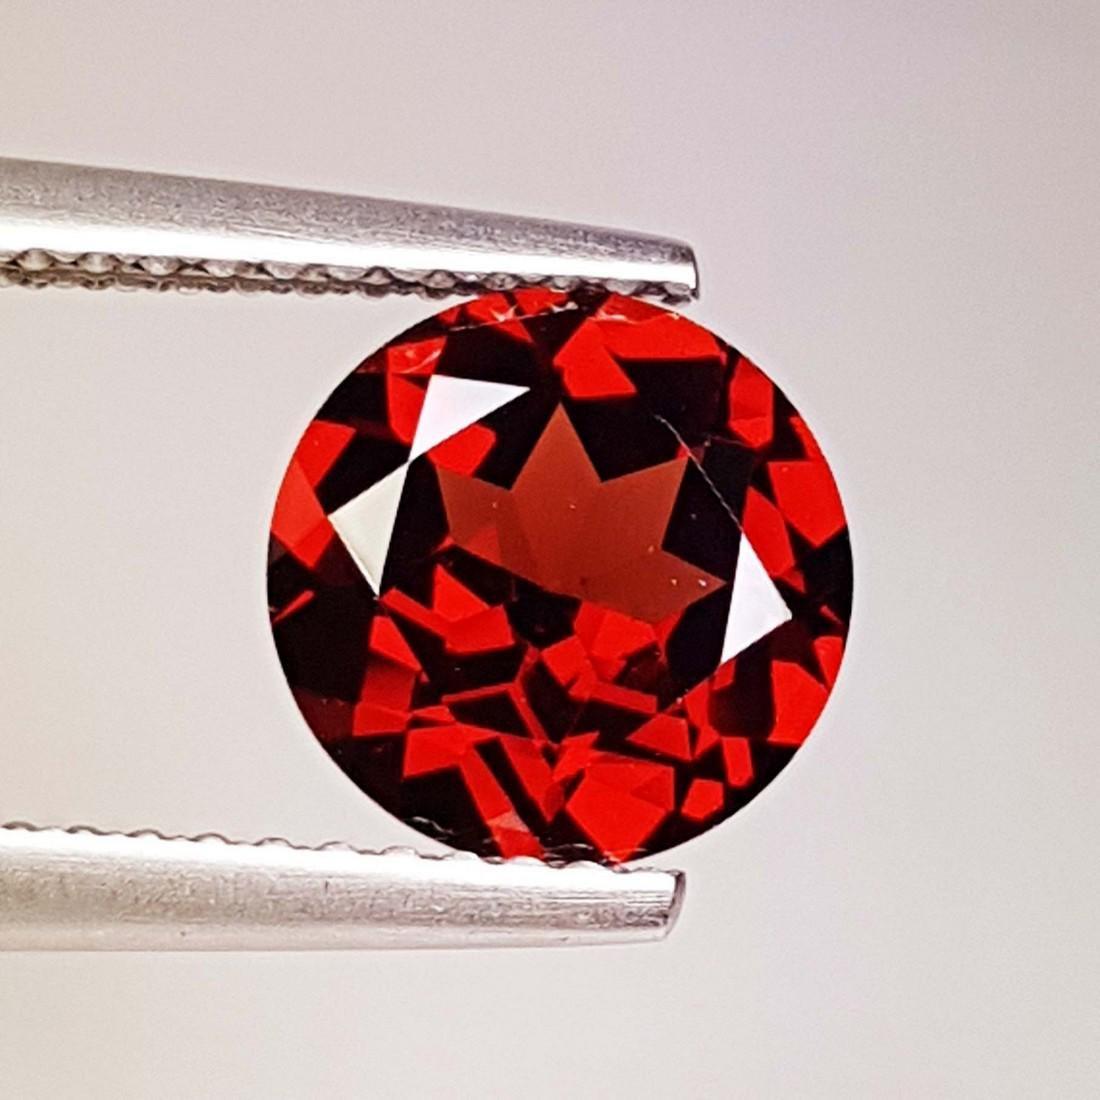 2.30 ct Fantastic Natural Pyrope - Almandite Red Garnet